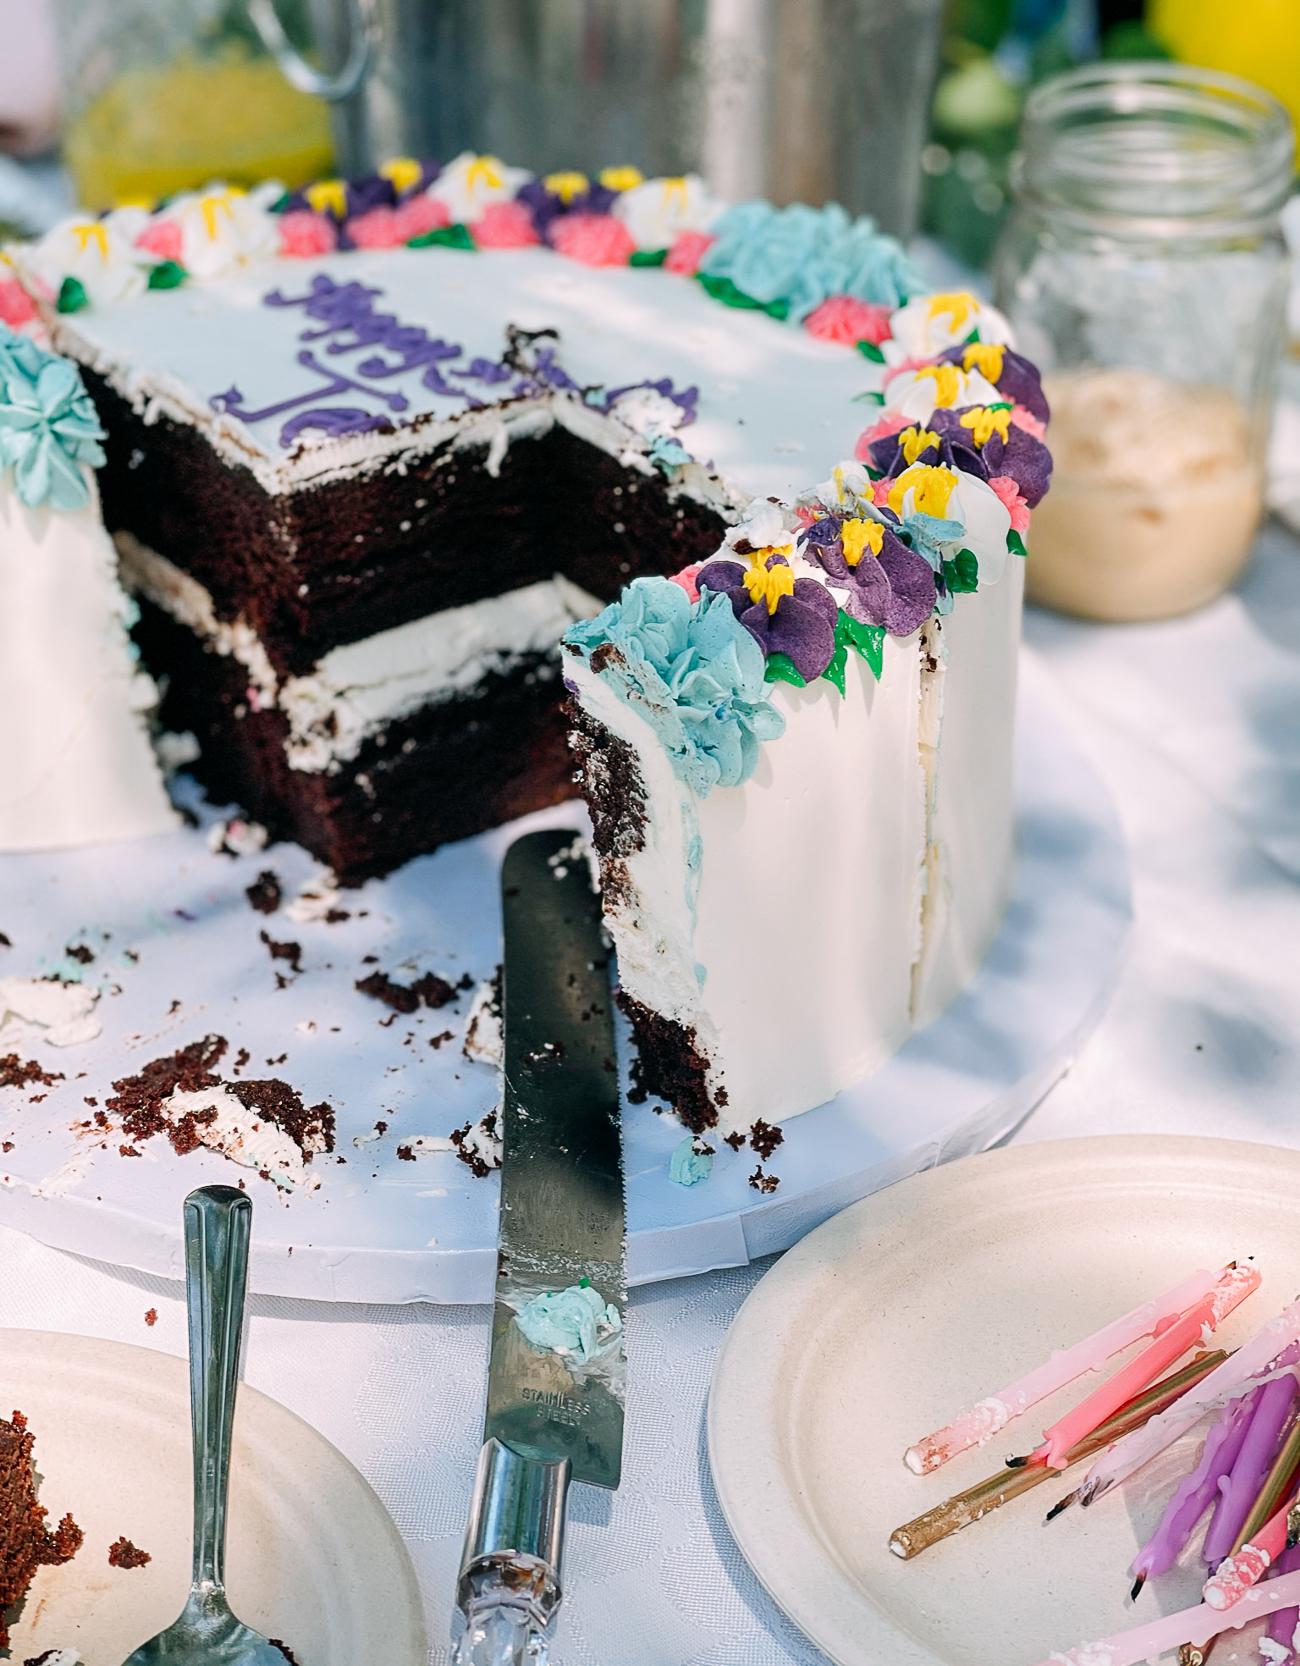 Jennifer's birthday cake